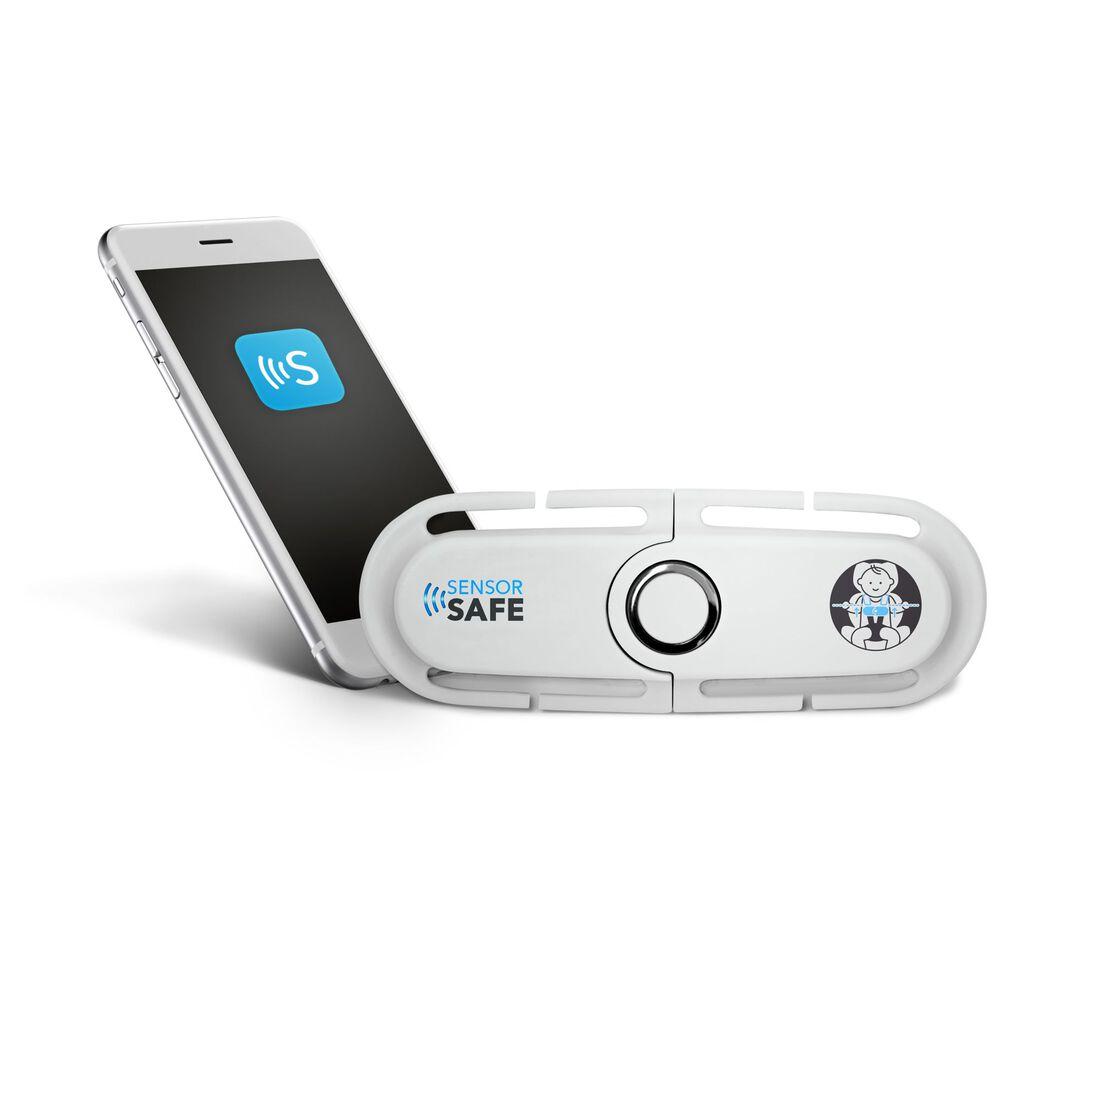 CYBEX SensorSafe 4-in-1 Safety Kit Infant - Grey in Grey large image number 2